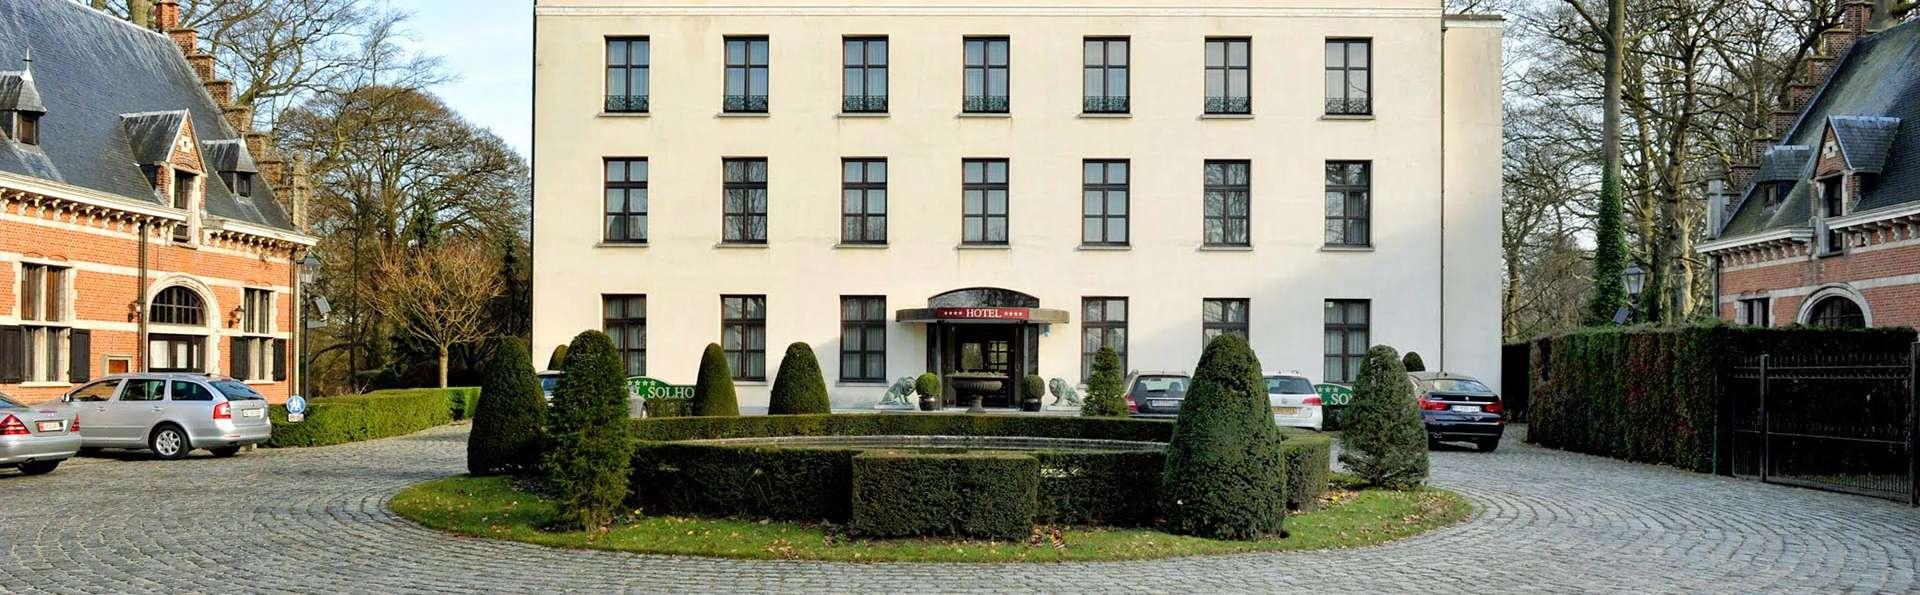 Profitez d'un séjour luxueux près d'Anvers